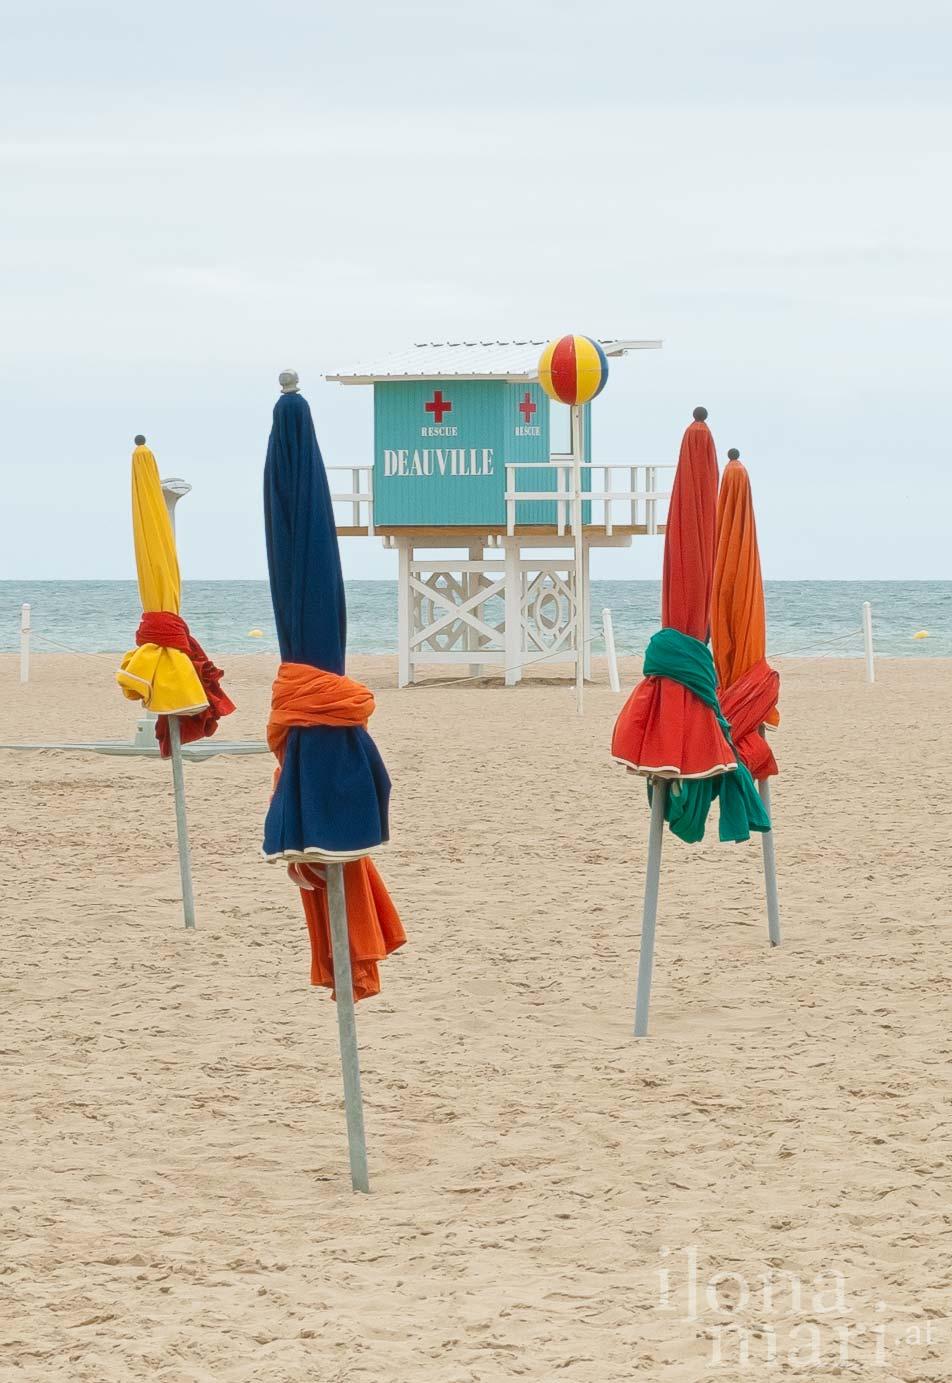 Sonnenschirme und Badewärterturm am Strand von Deauville (Normandie)